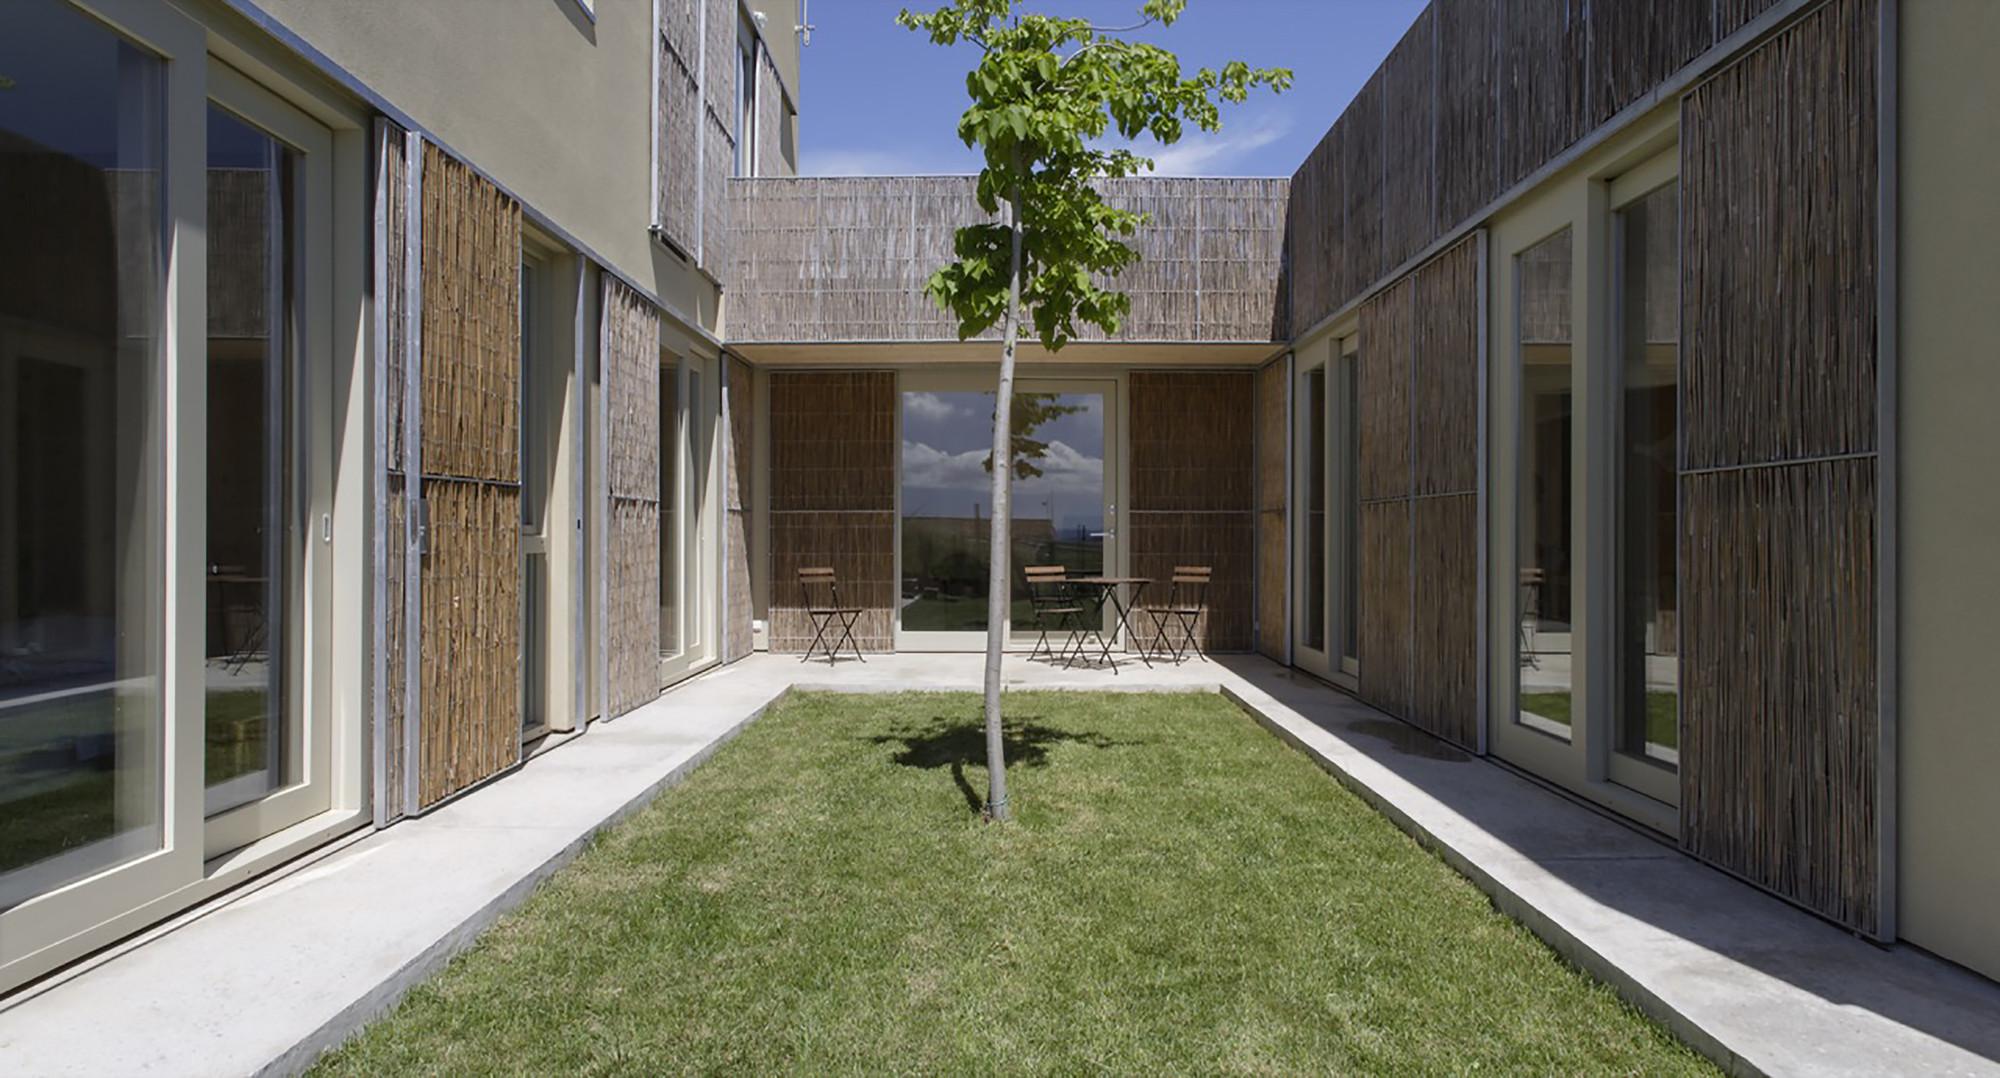 Vivienda b- Empordà /  B- Architecture, © Lourdes Jansana